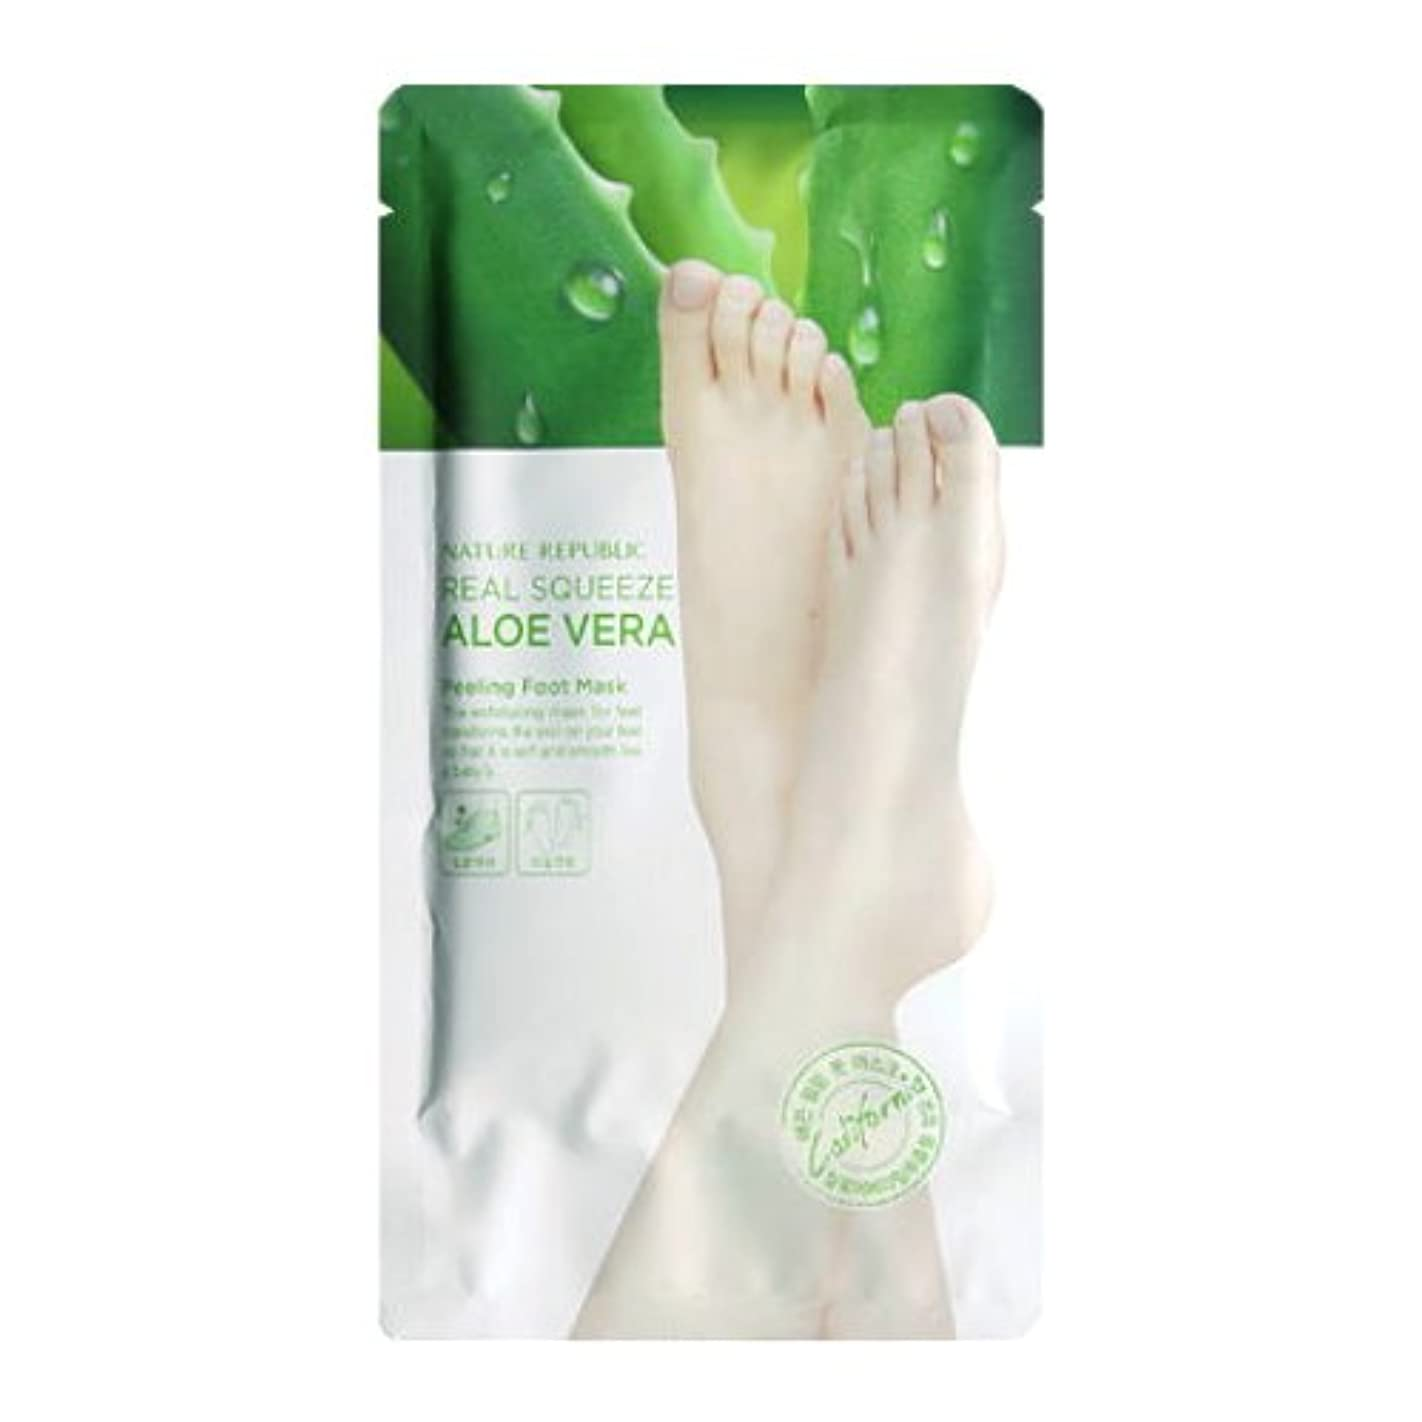 感覚サークル反対にNATURE REPUBLIC Real Squeeze Aloe Vera Peeling Foot Mask (並行輸入品)